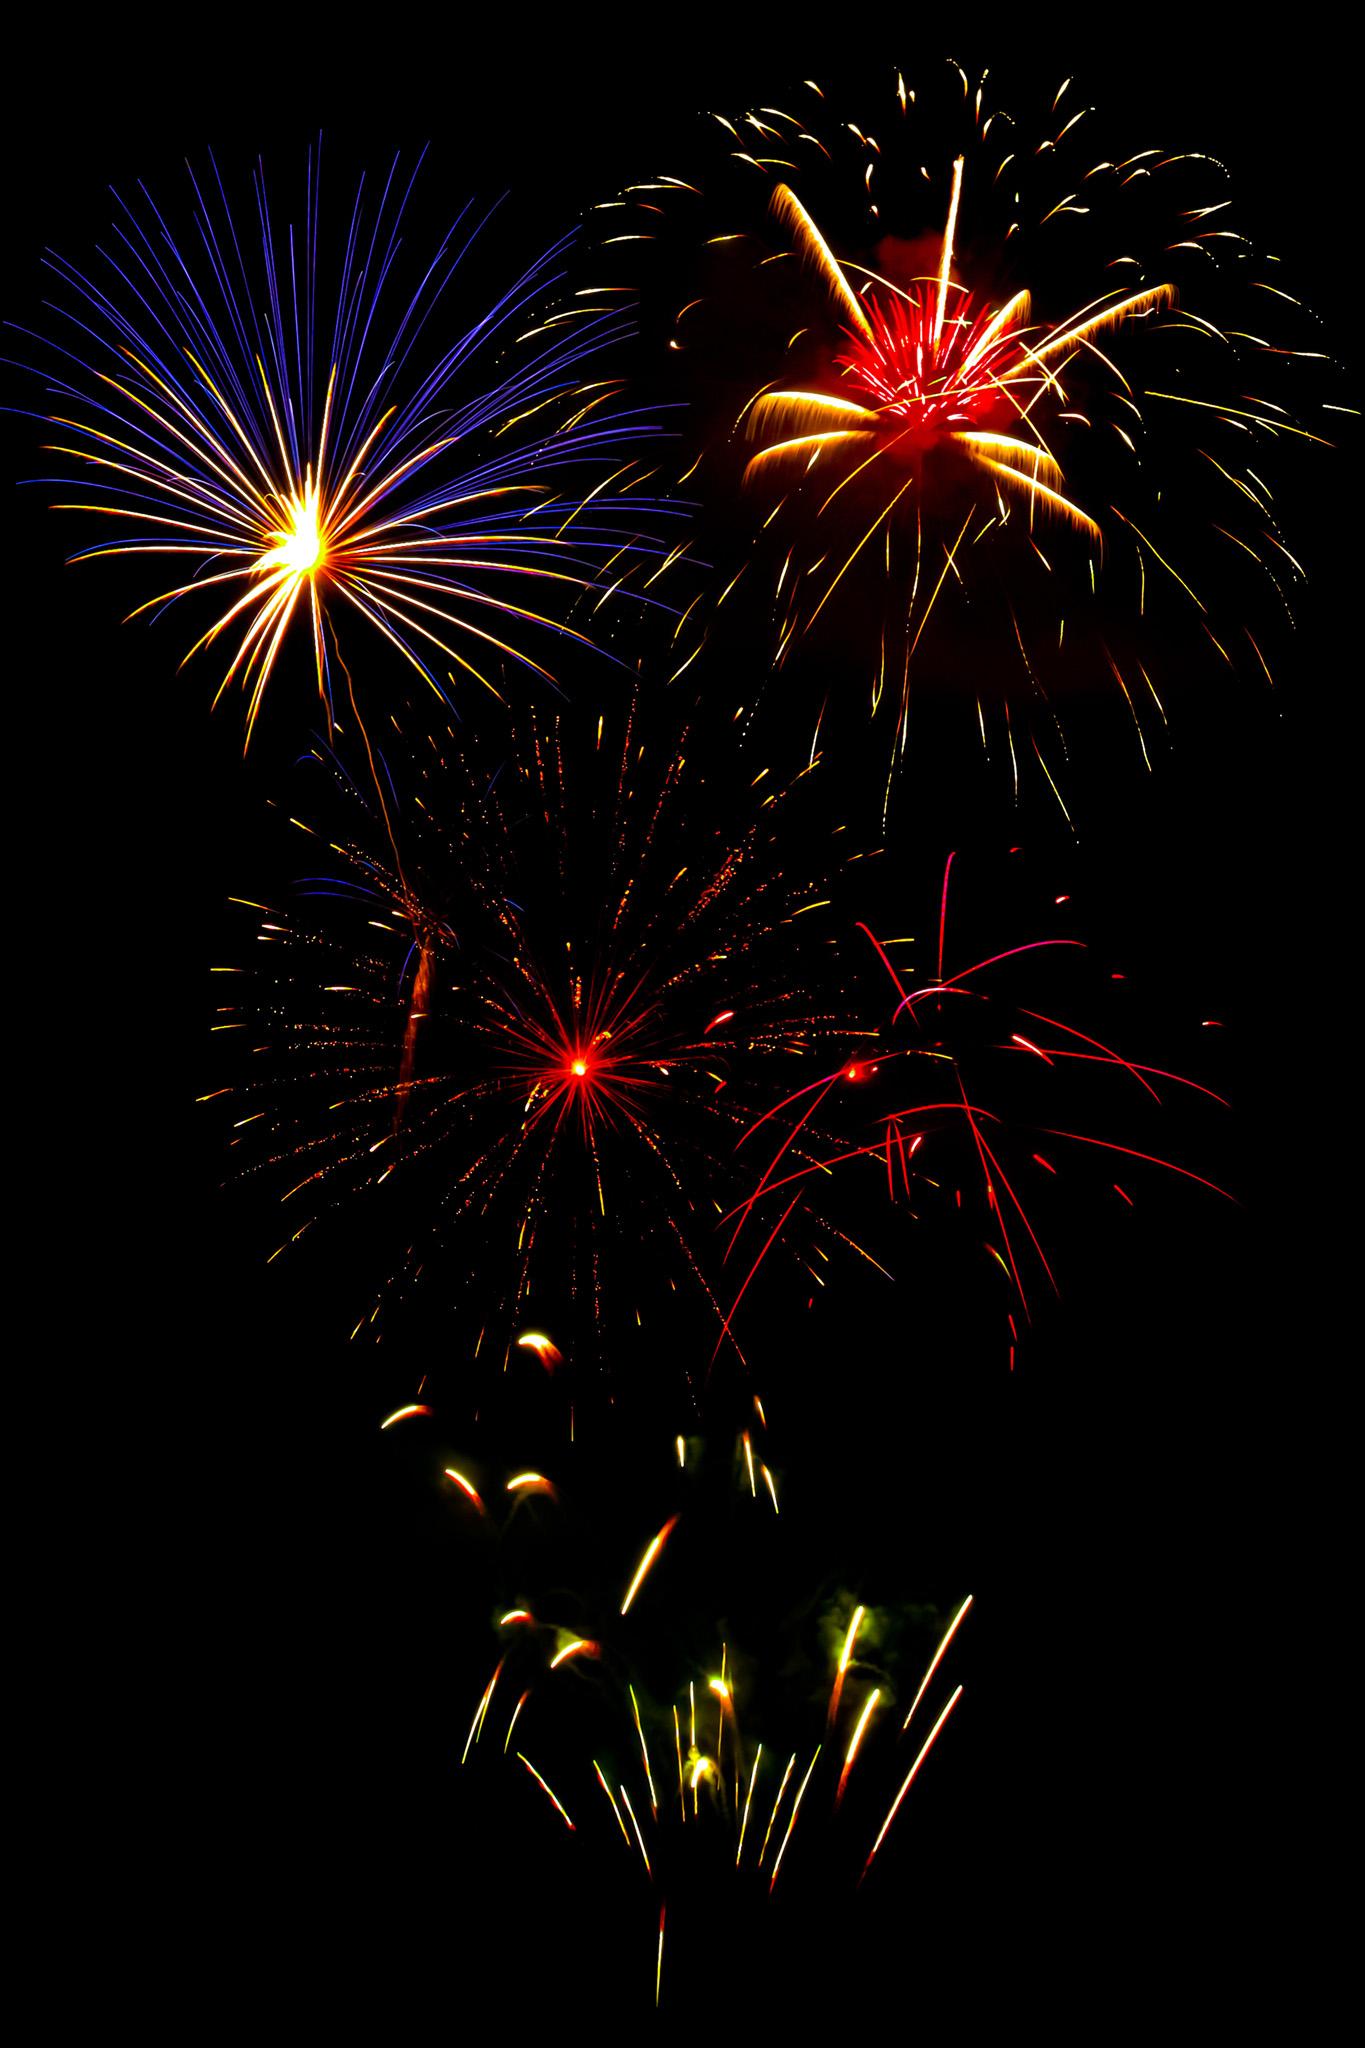 「夜空に広がる花火の撮影画像」のテクスチャを無料ダウンロード